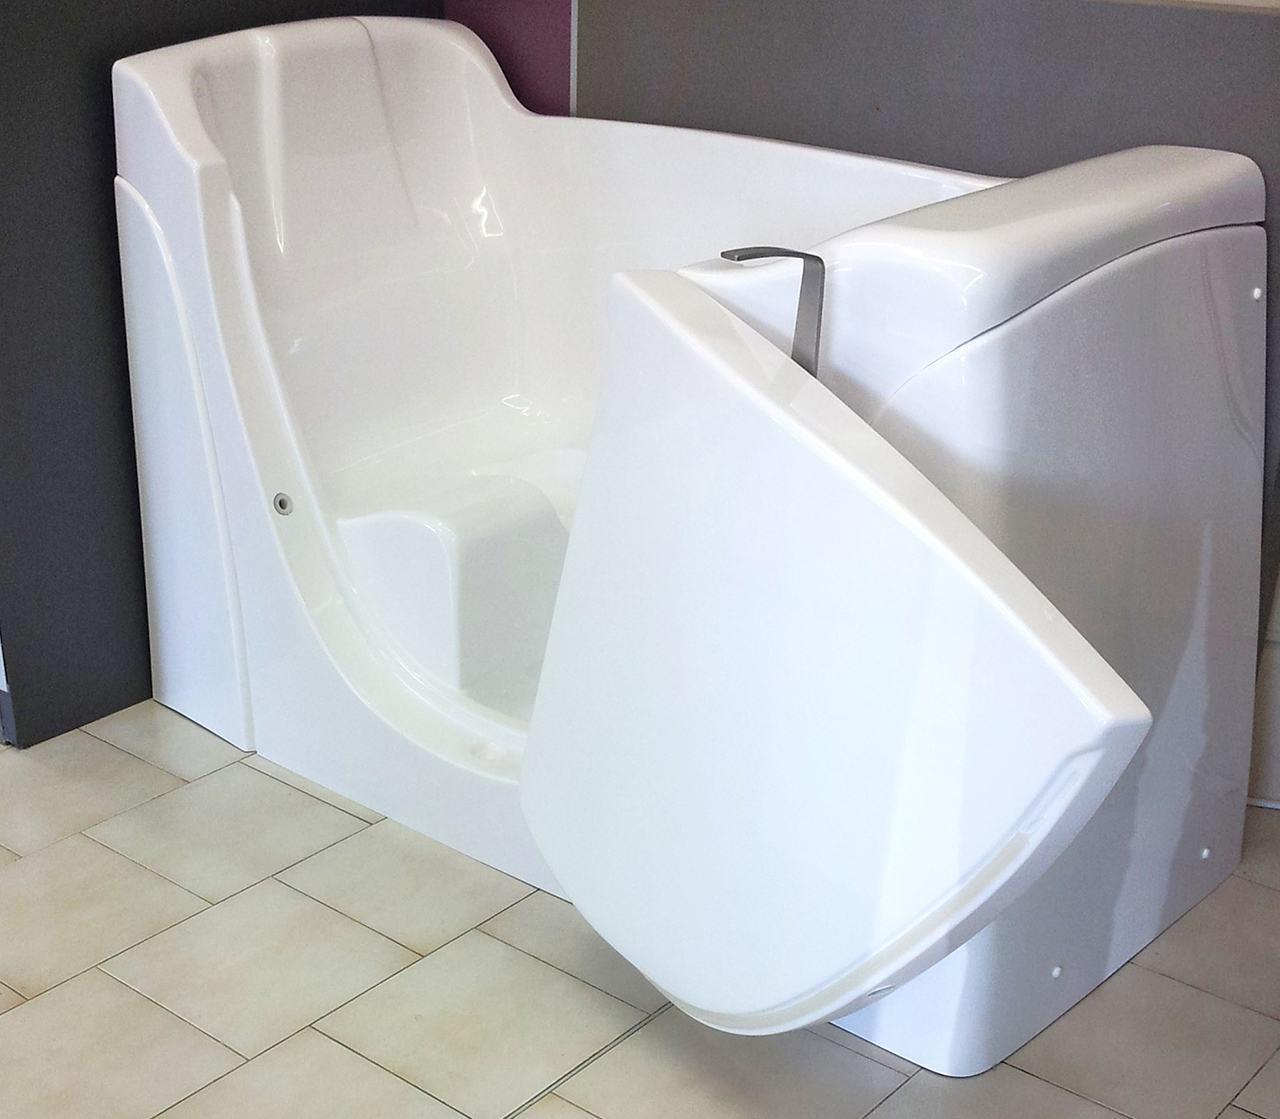 Bagno Per Handicappati Dimensioni: Vasche da bagno per disabili e ...